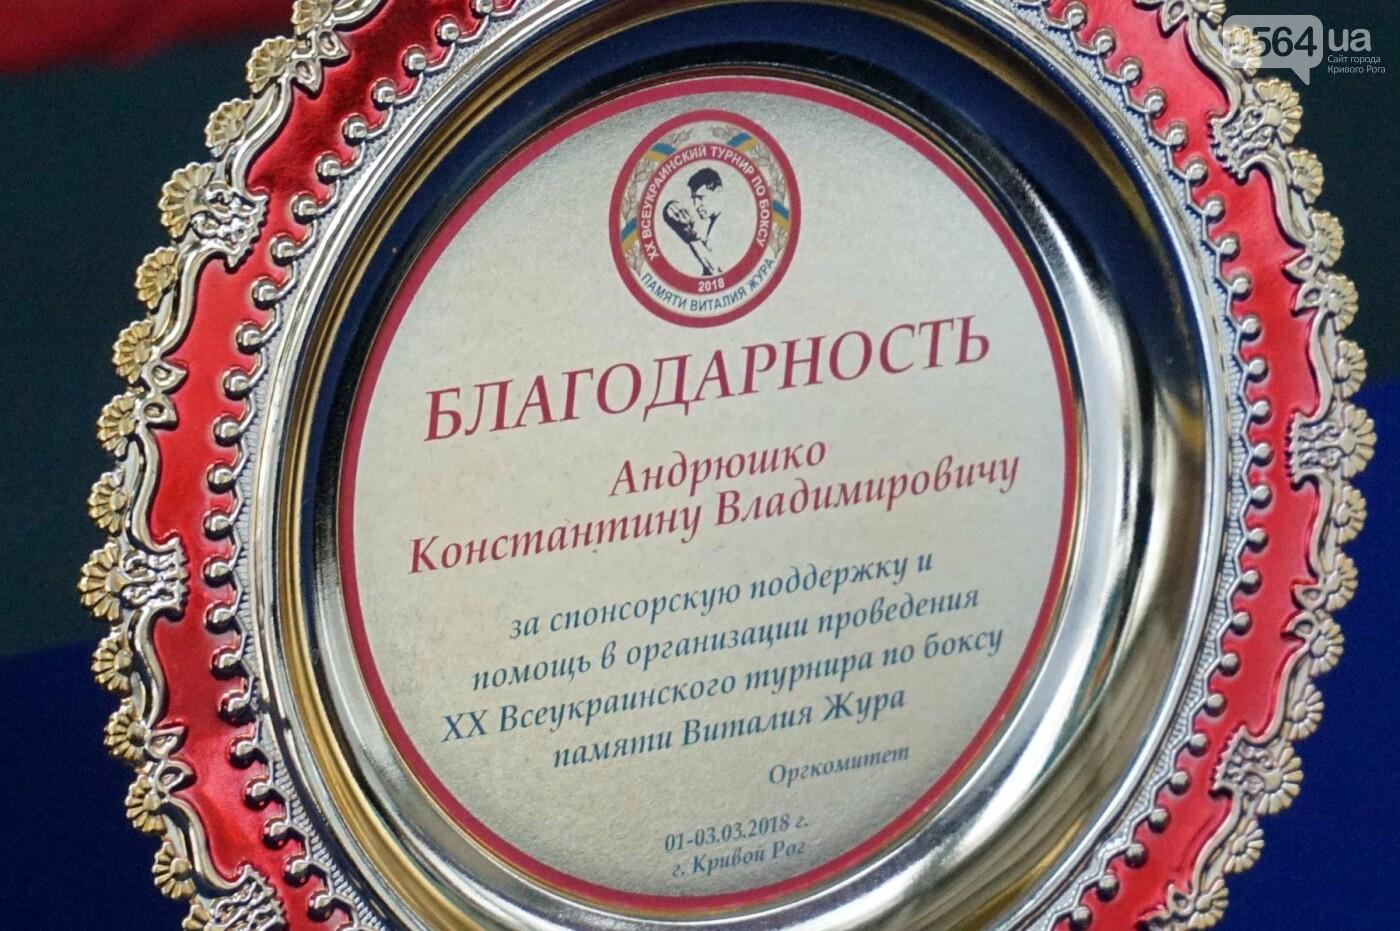 В Кривом Роге состоялся Международный турнир по боксу (ФОТО, ВИДЕО), фото-48